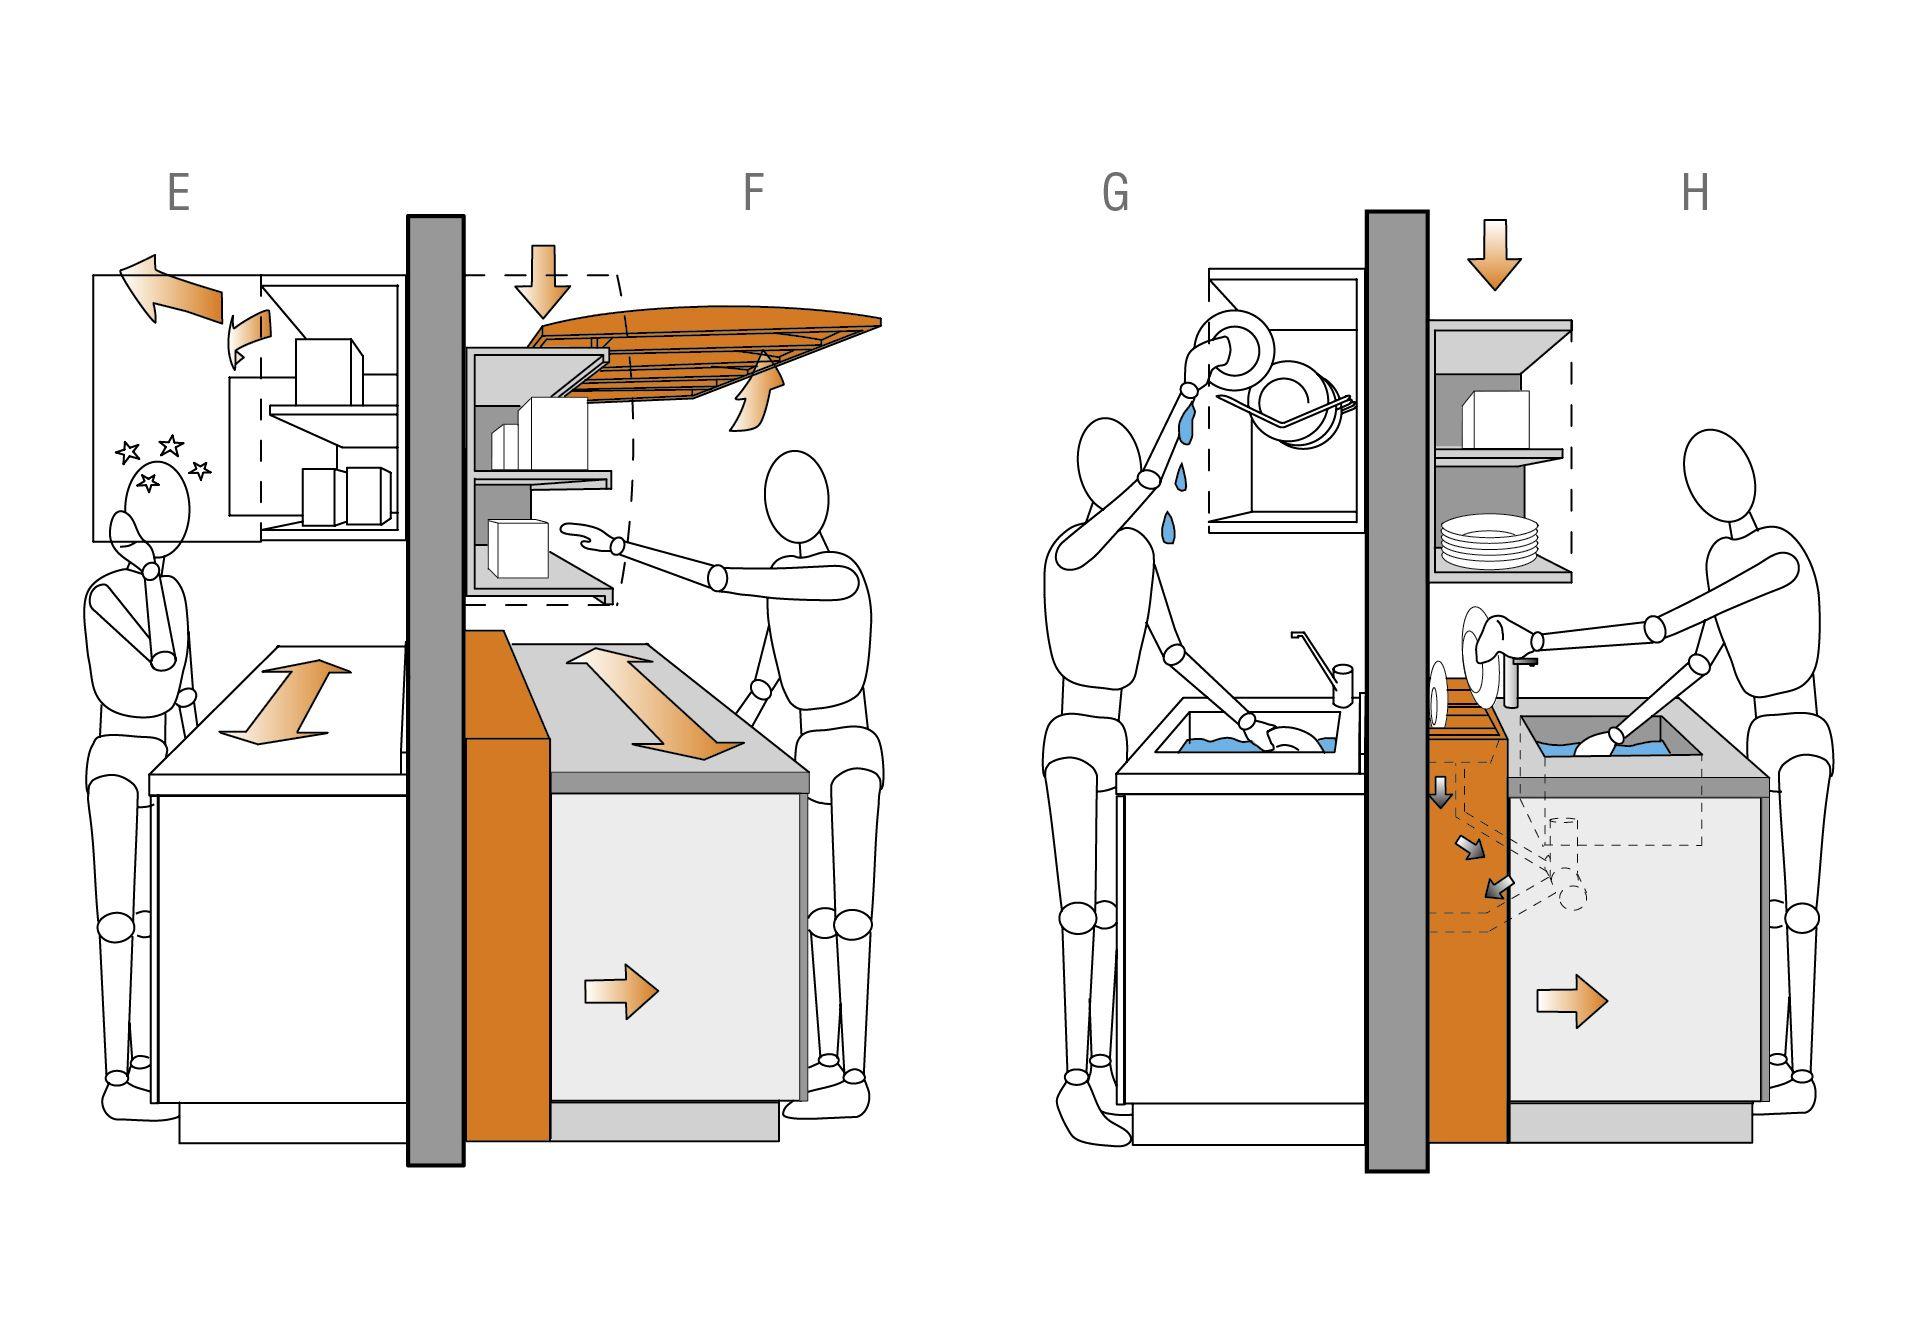 Hauteur et largeur du plan de travail de la cuisine - Dimensions plan de travail cuisine ...